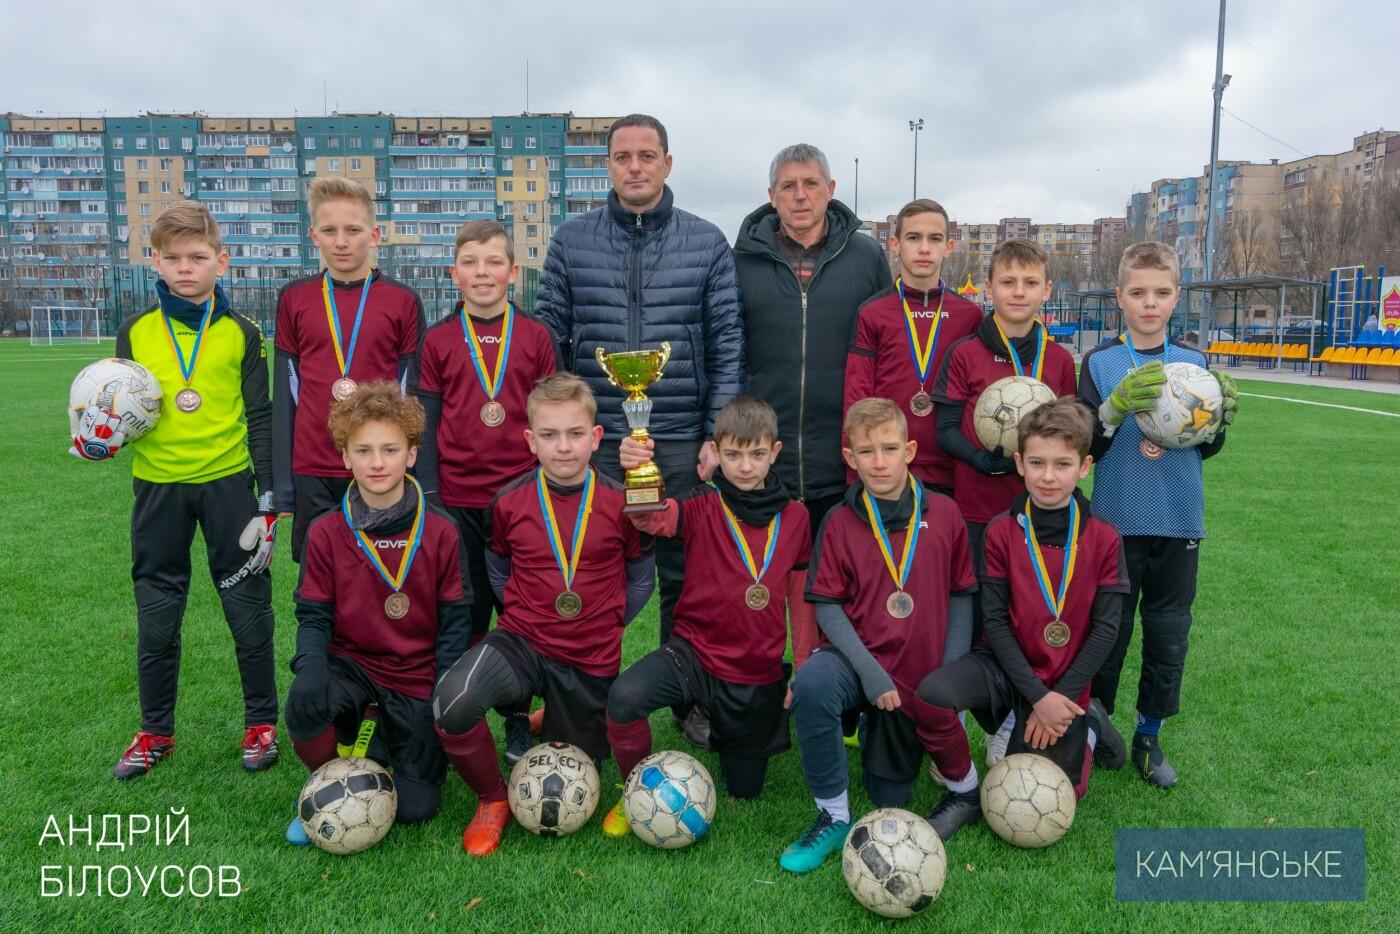 Мэр Каменского поздравил футбольную команду «Надія-Nova», фото-6